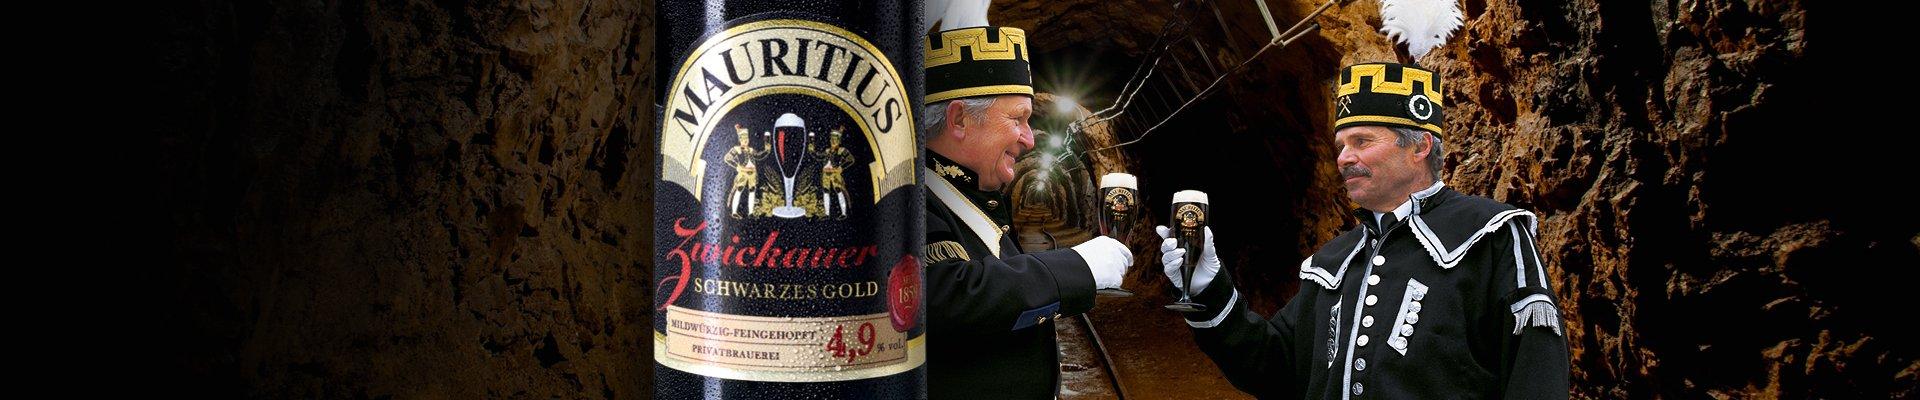 Mauritius: Beers: Schwarzes Gold